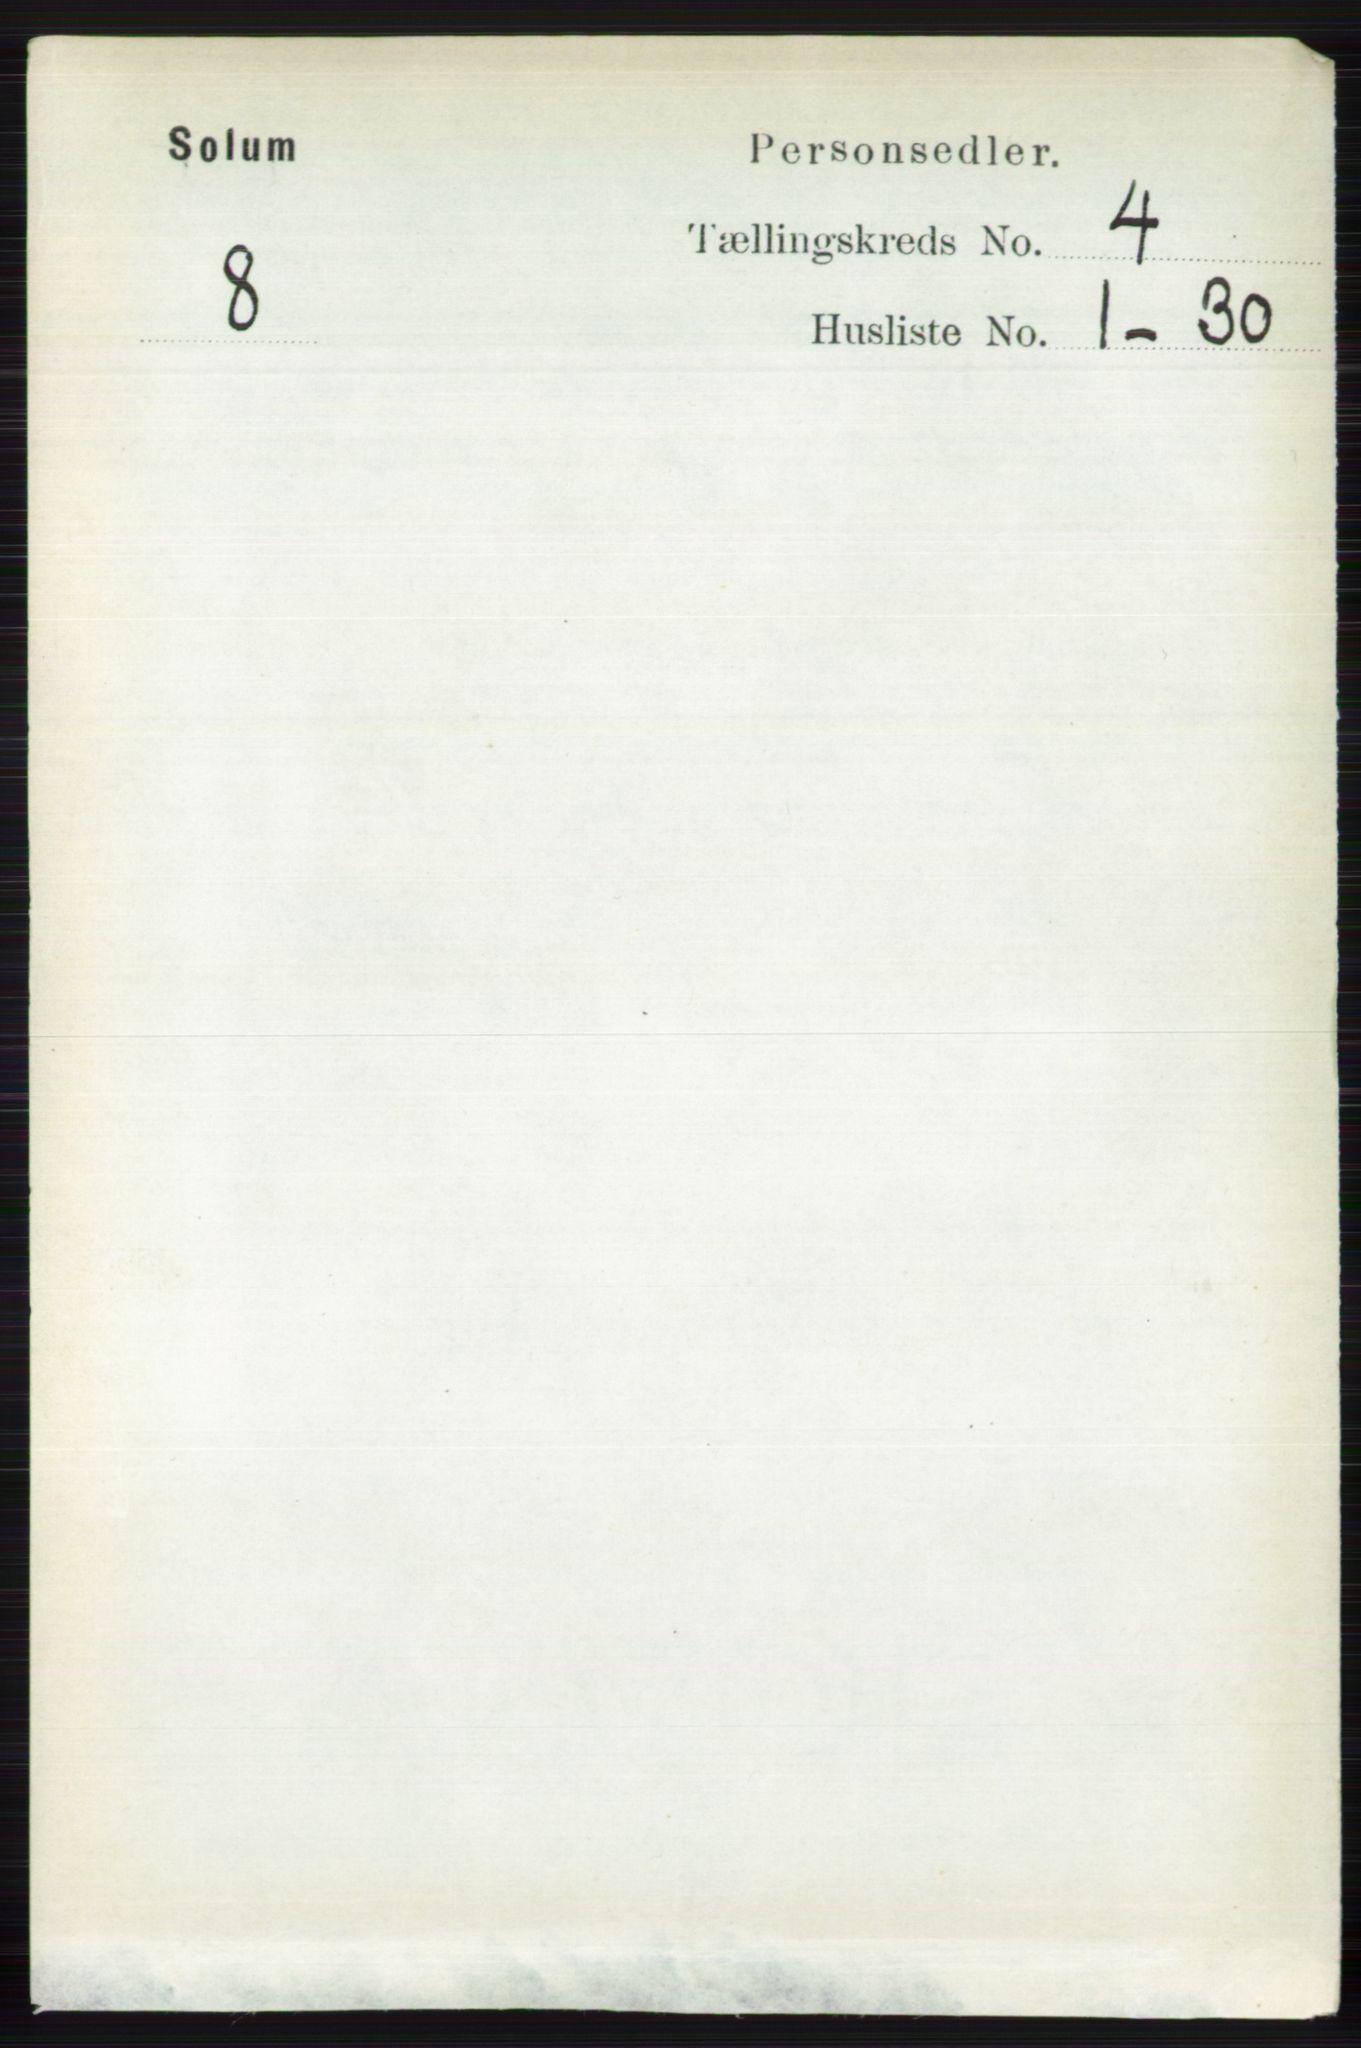 RA, Folketelling 1891 for 0818 Solum herred, 1891, s. 619